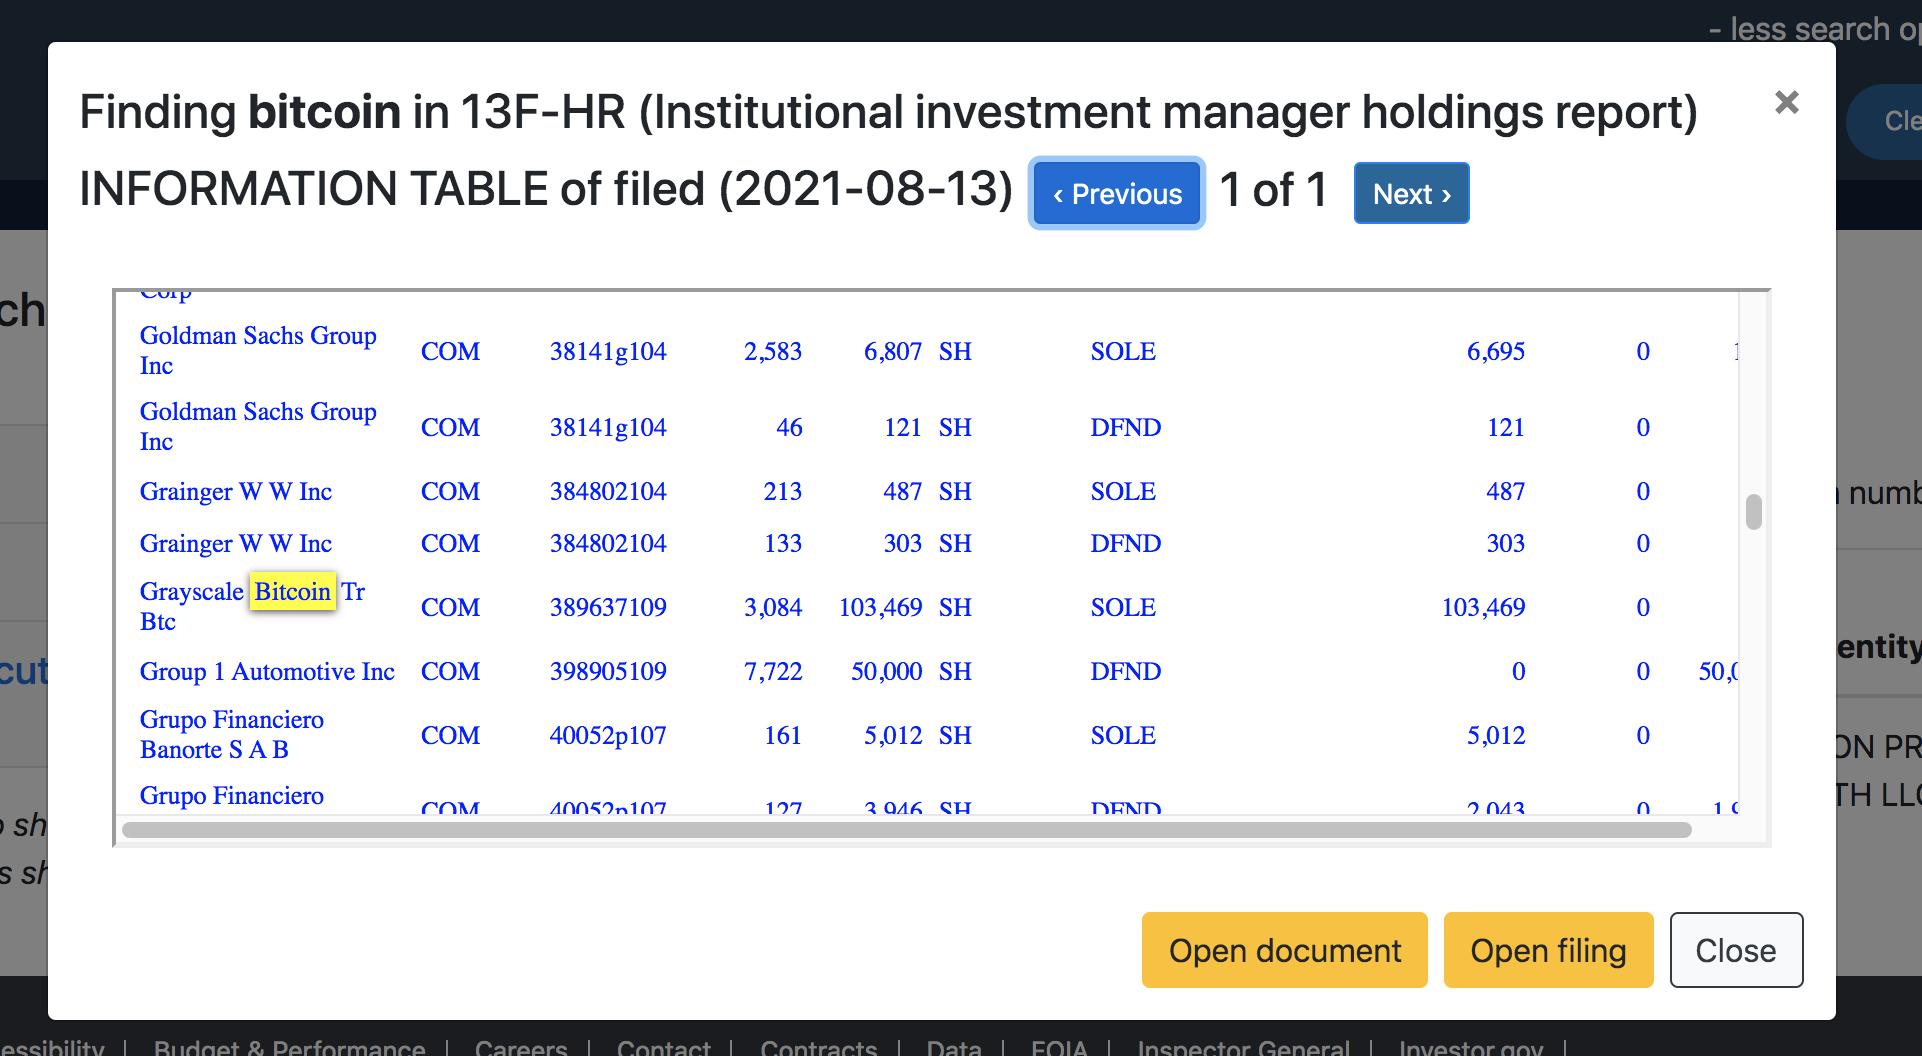 四家美国财富管理公司披露二季度 GBTC 持仓量,总计逾 25 万股